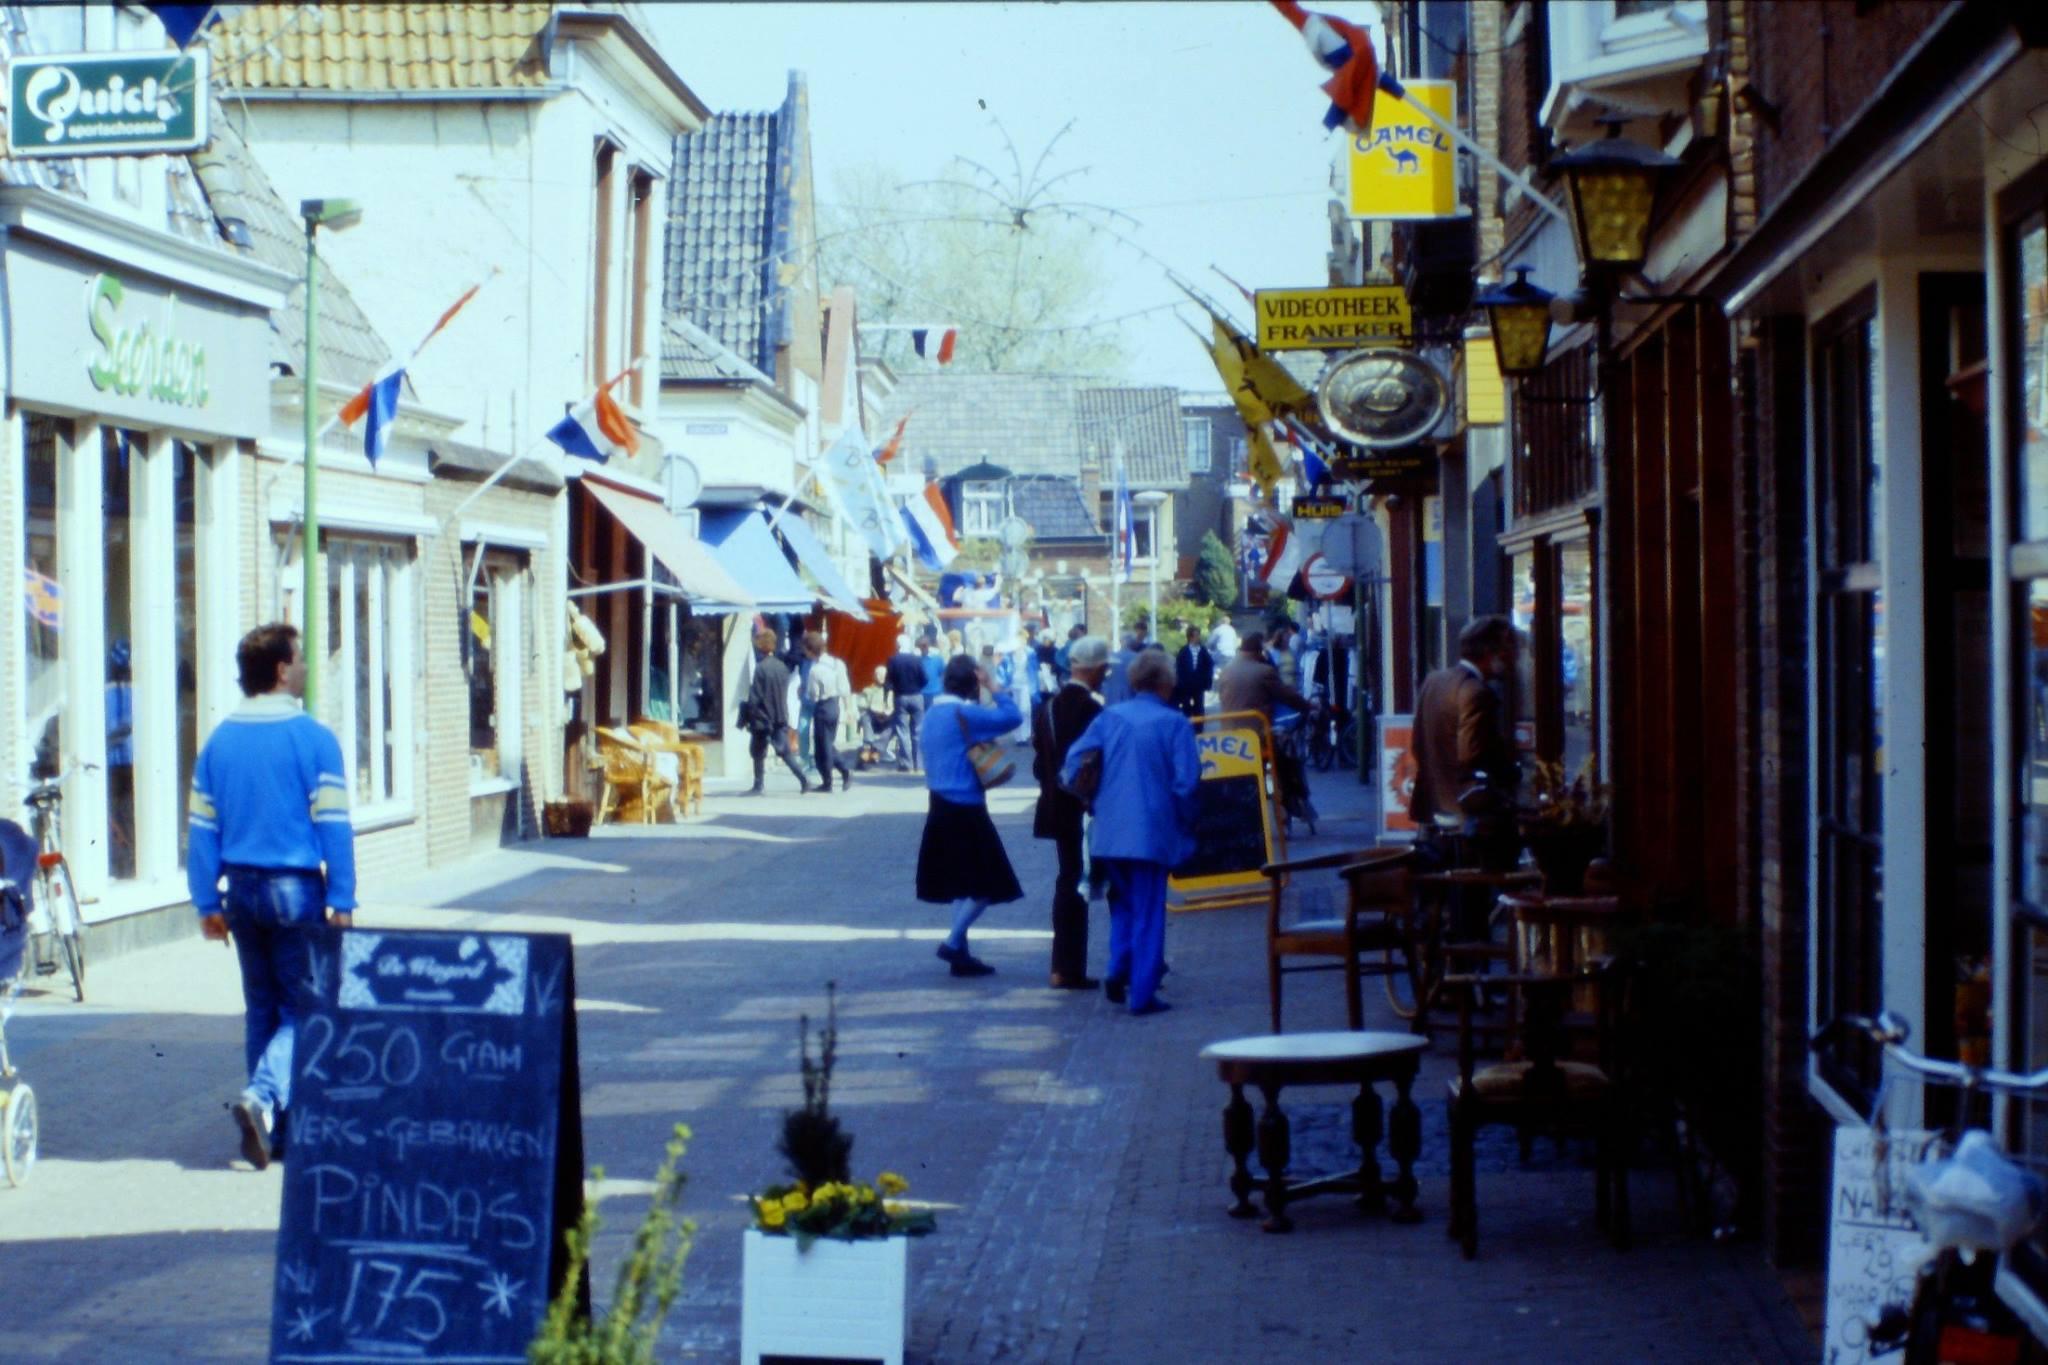 Dijkstraat-1985